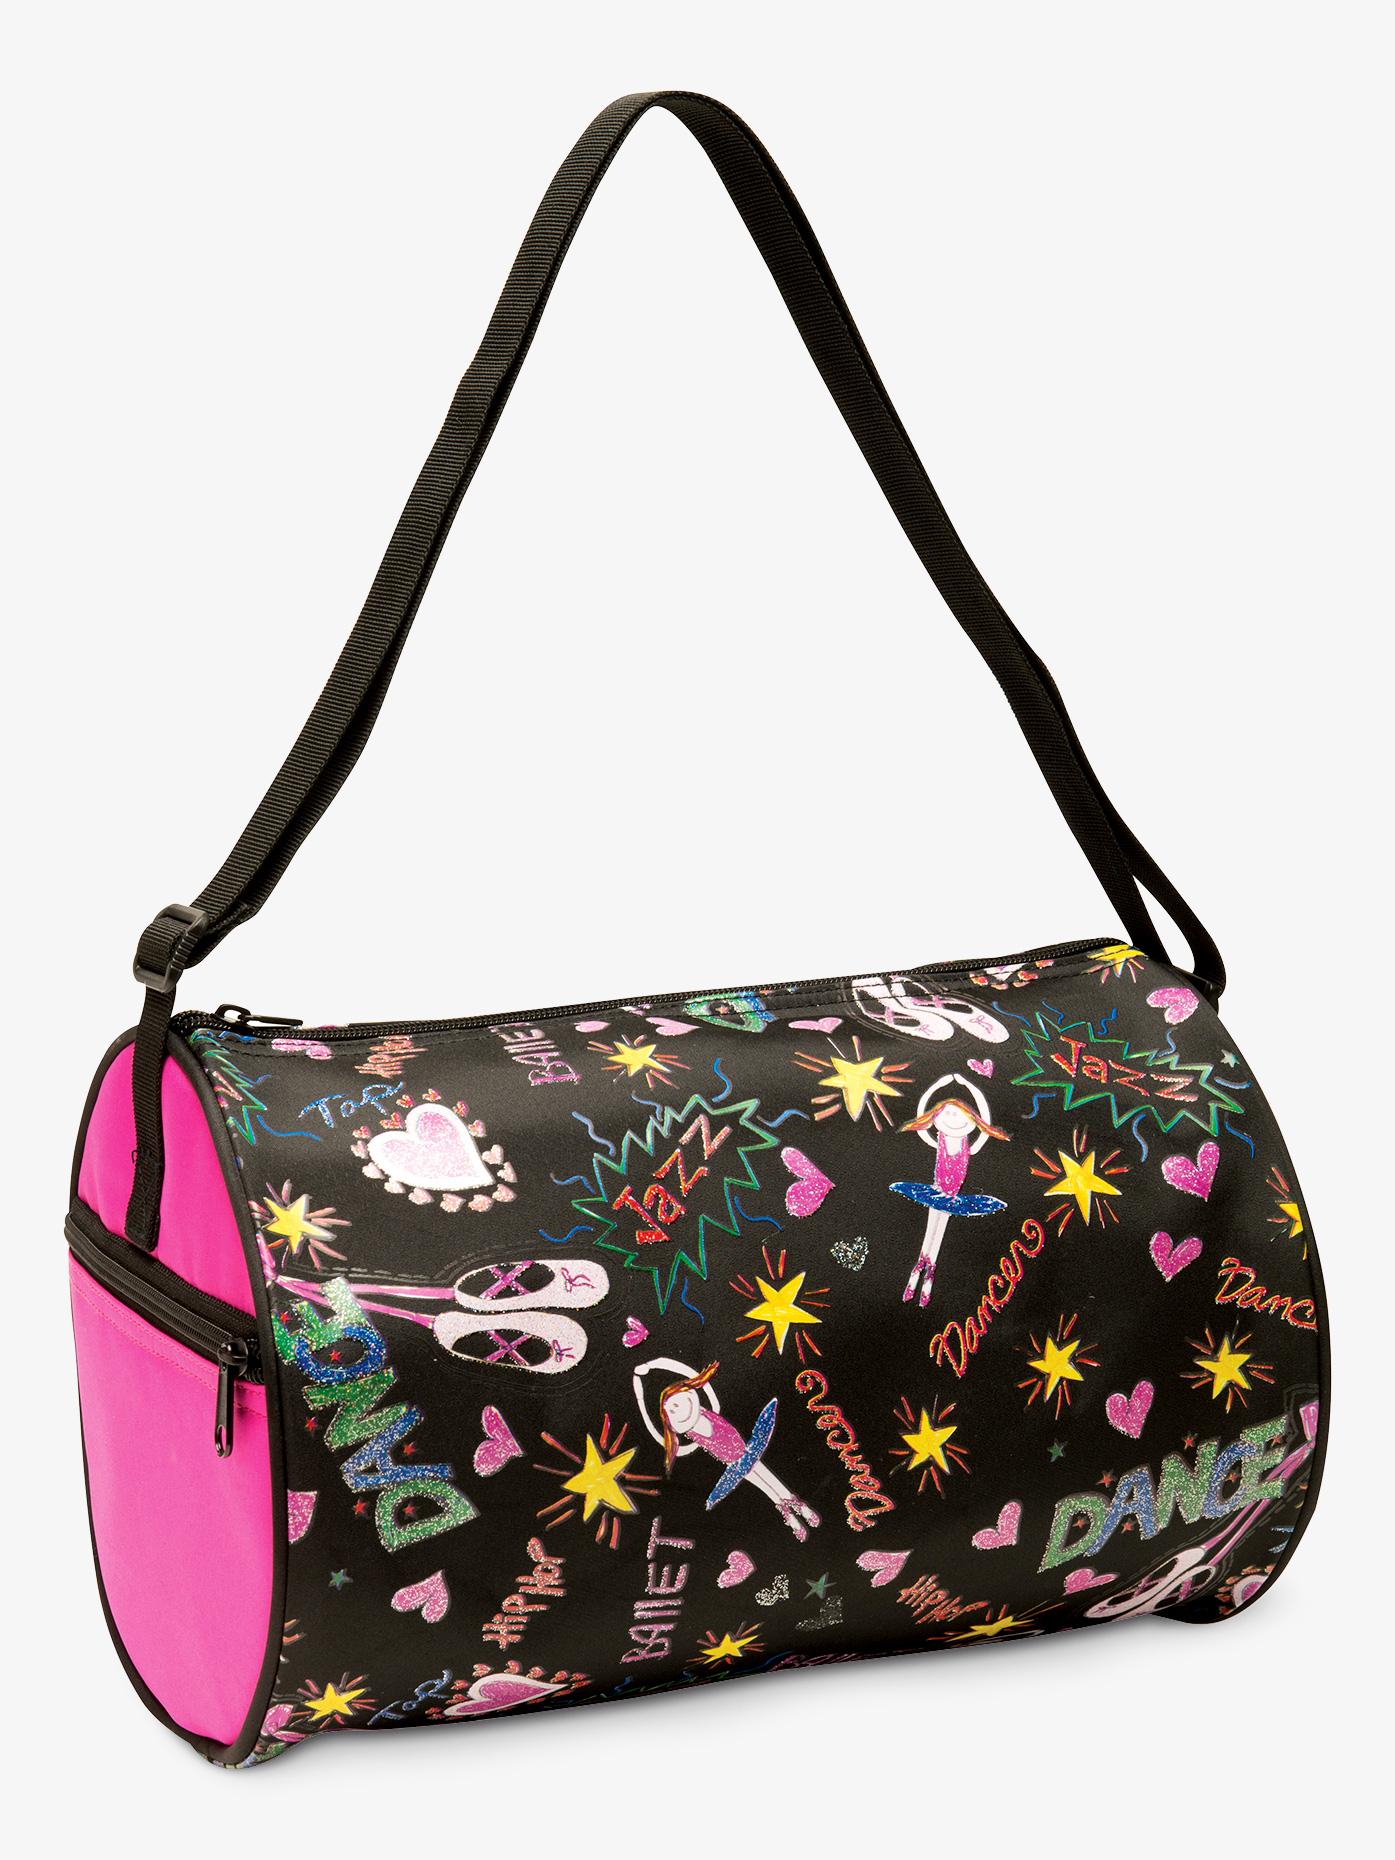 DansBagz Little Dancers Doodle Dance Bag B443